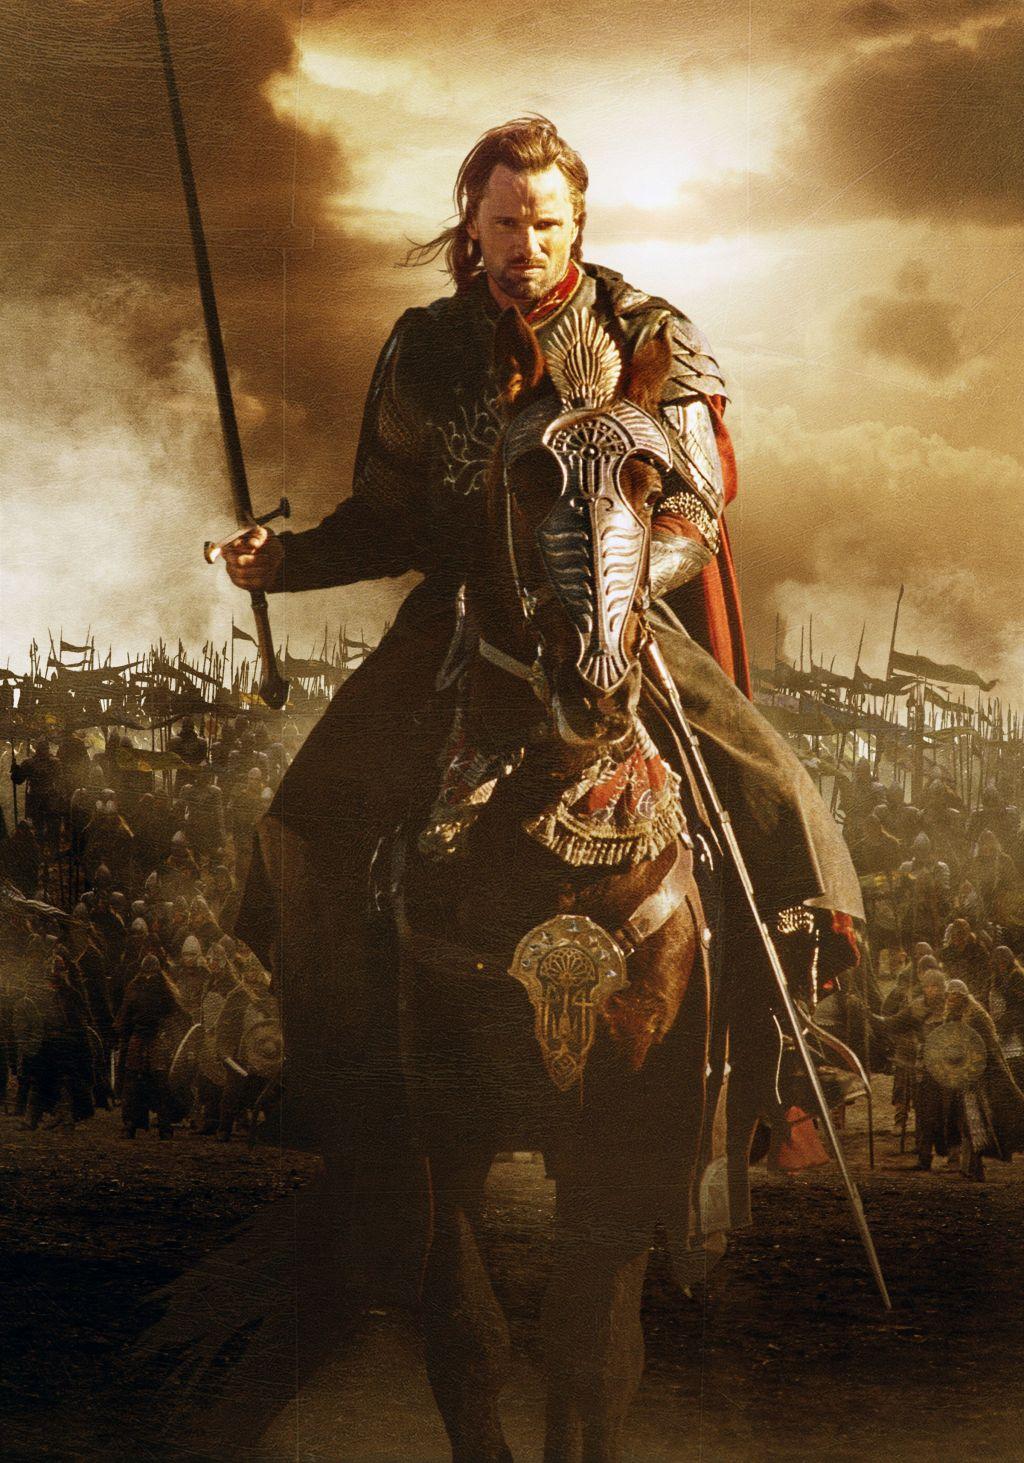 Return Of The King Aragorn For The Gentlemen: GOT...